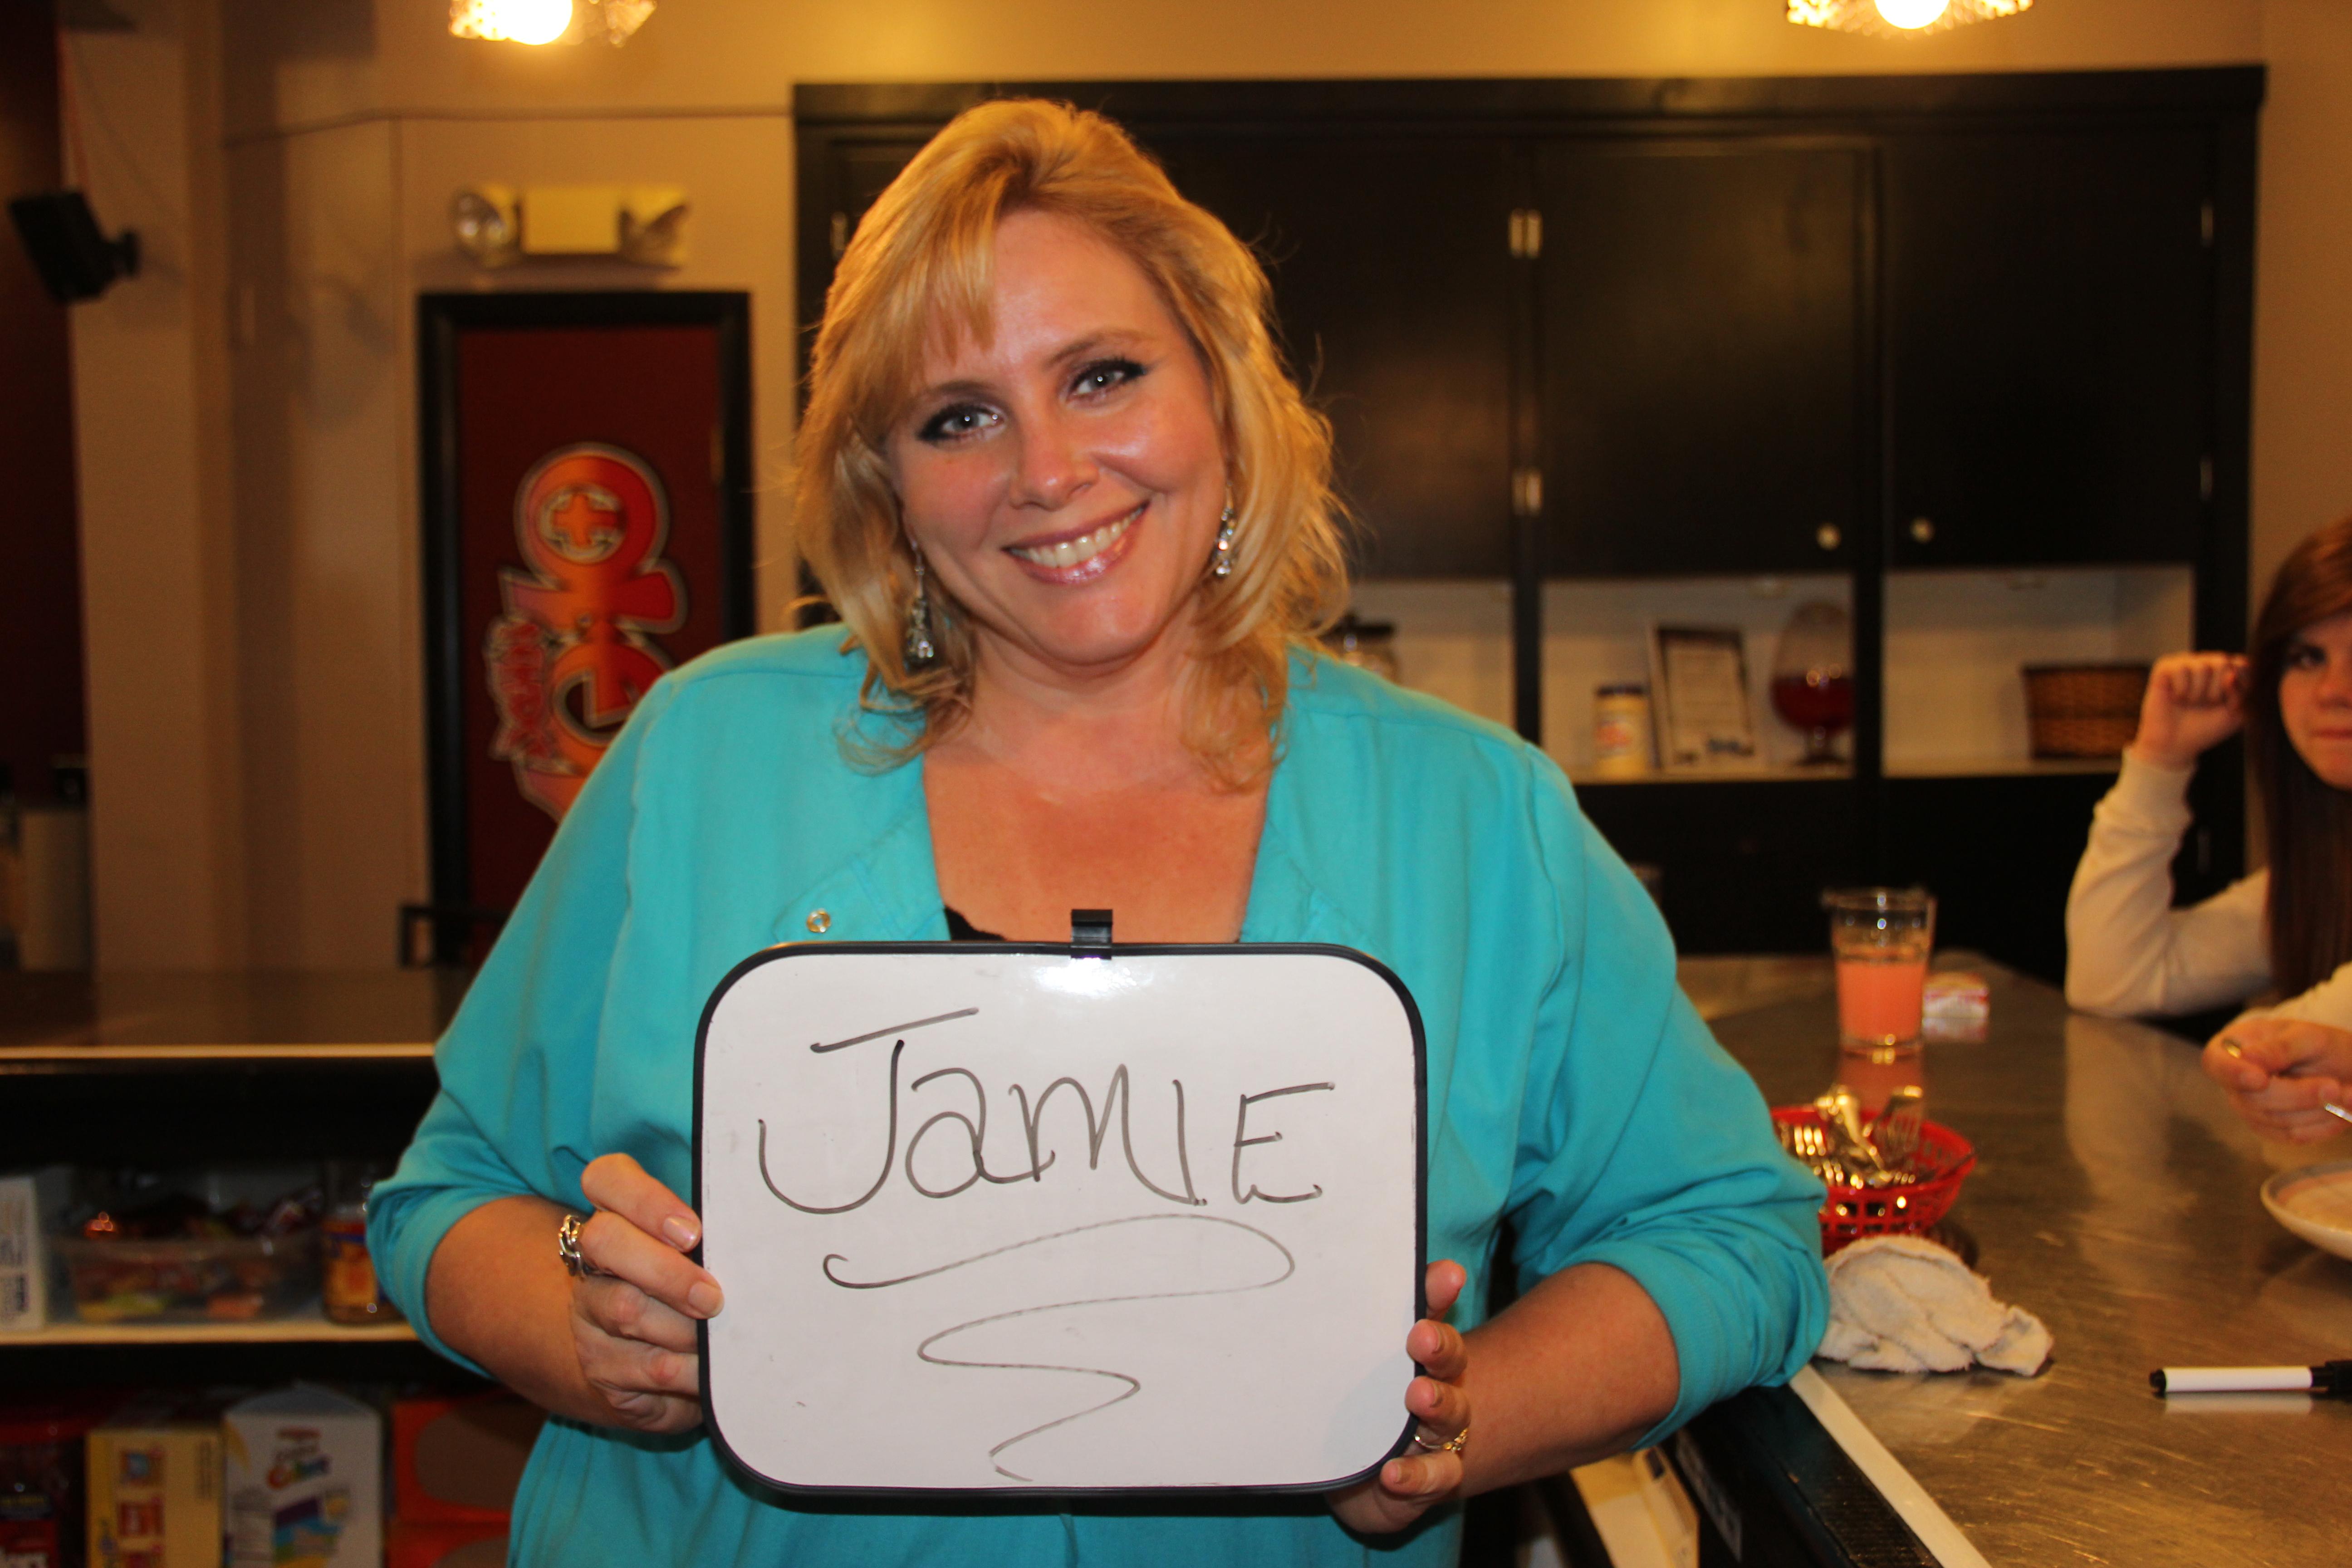 Jamie_Volunteer.JPG